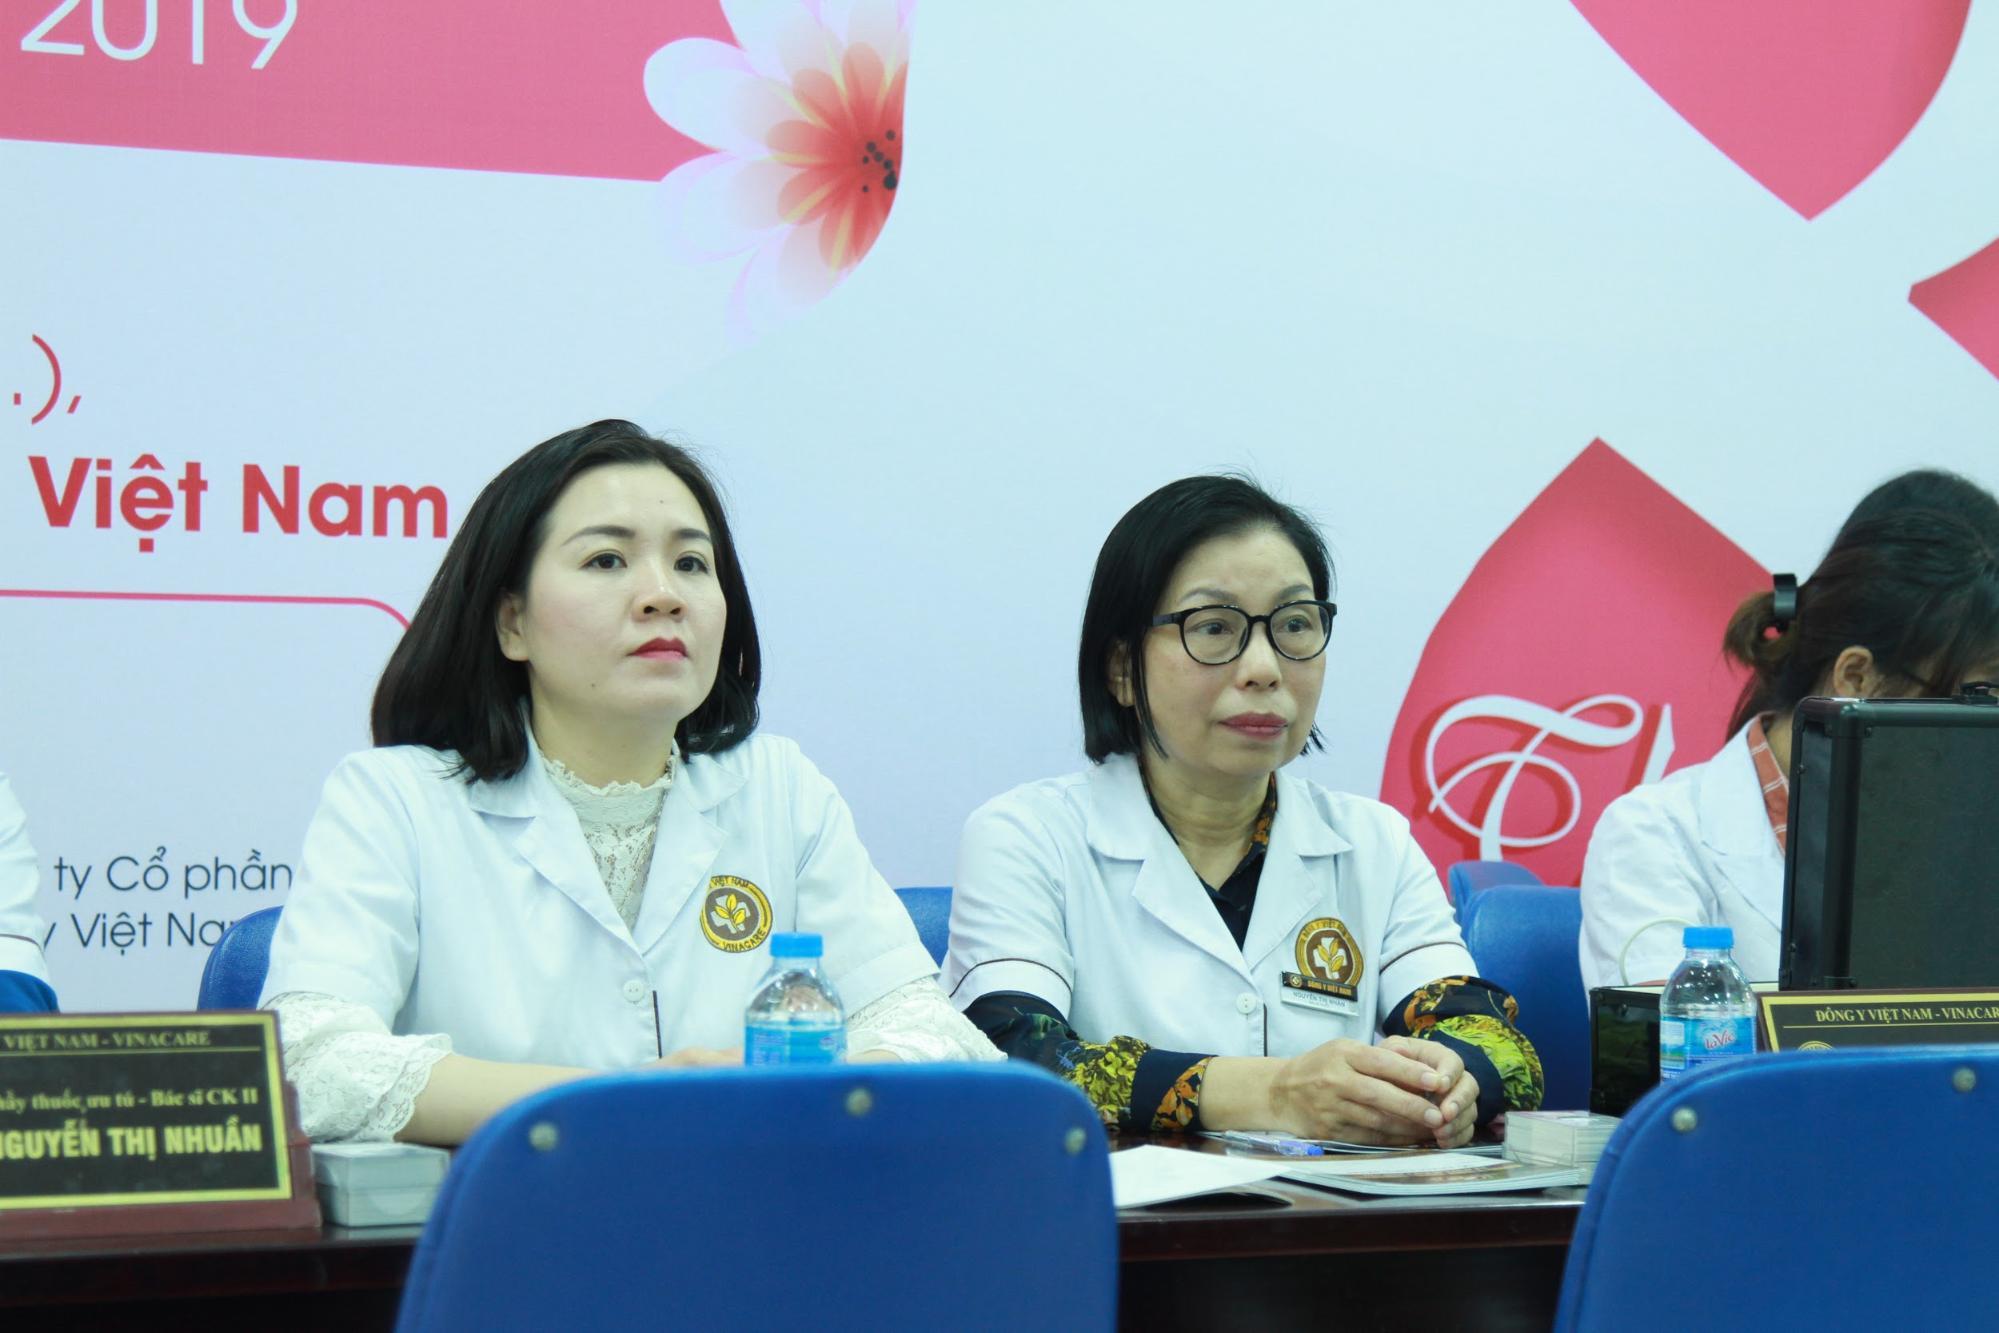 Thạc sĩ, bác sĩ Nguyễn Thị Phượng và bác sĩ Nguyễn Thị Nhặn, trưởng khoa da liễu đông y Việt Nam